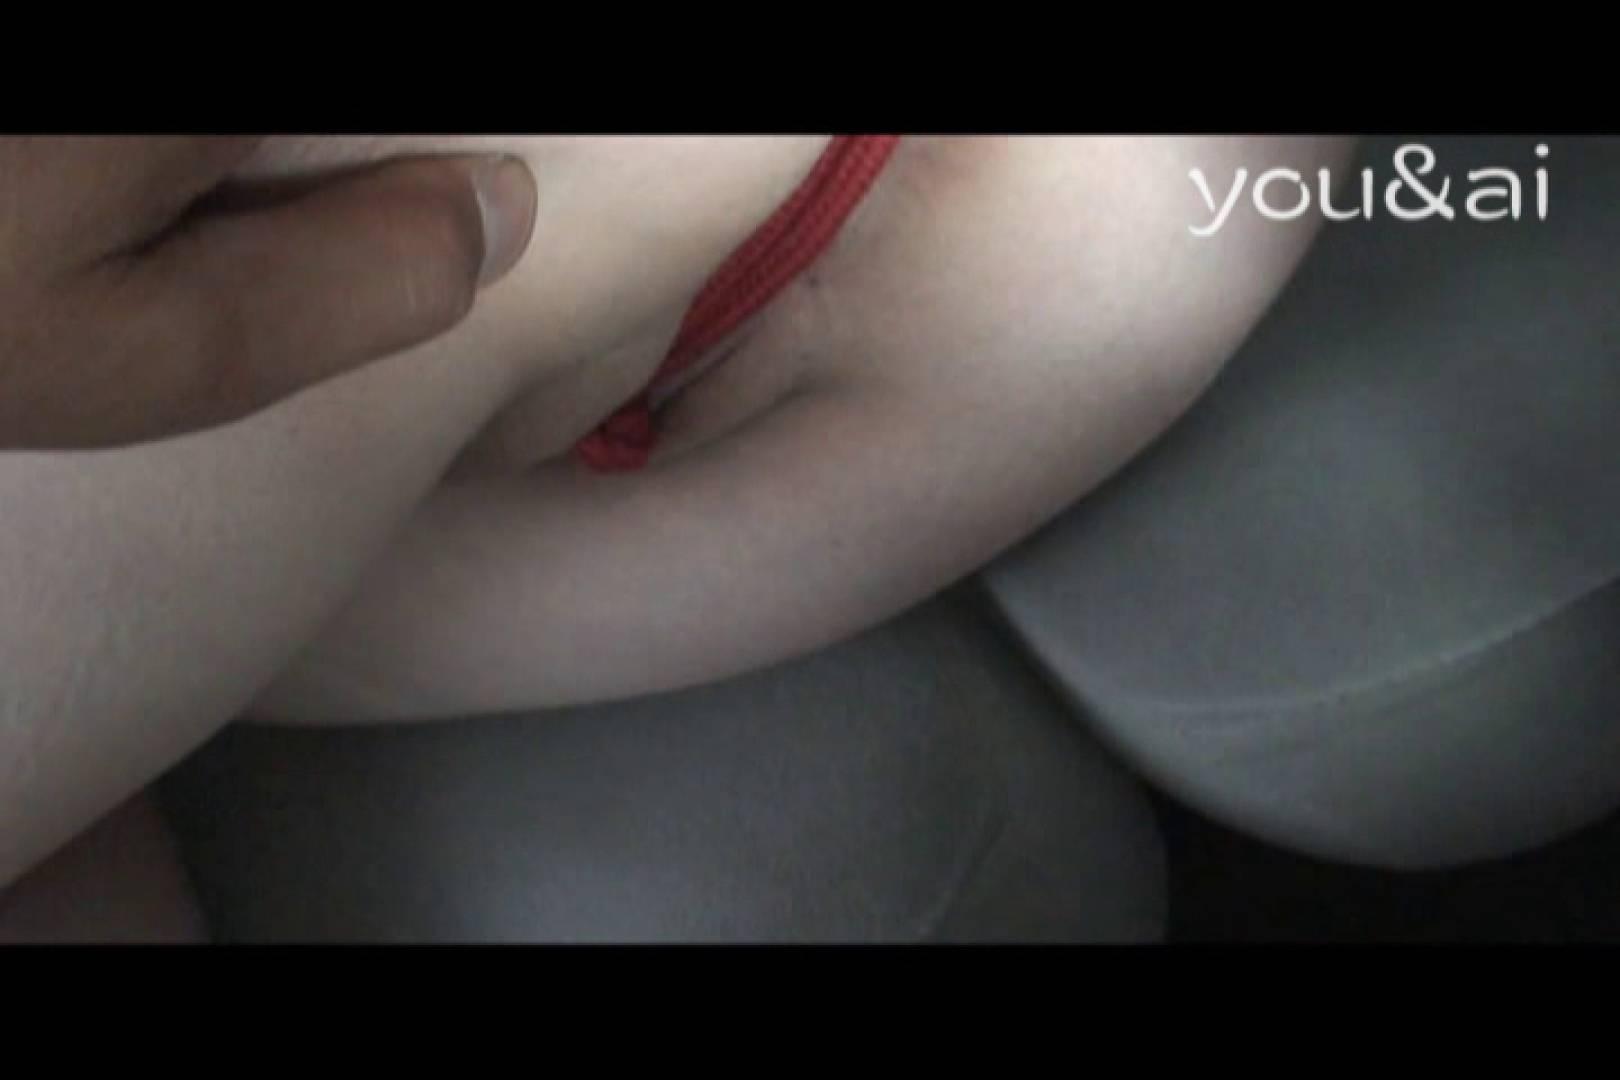 おしどり夫婦のyou&aiさん投稿作品vol.4 美女OL | 野外  59連発 8